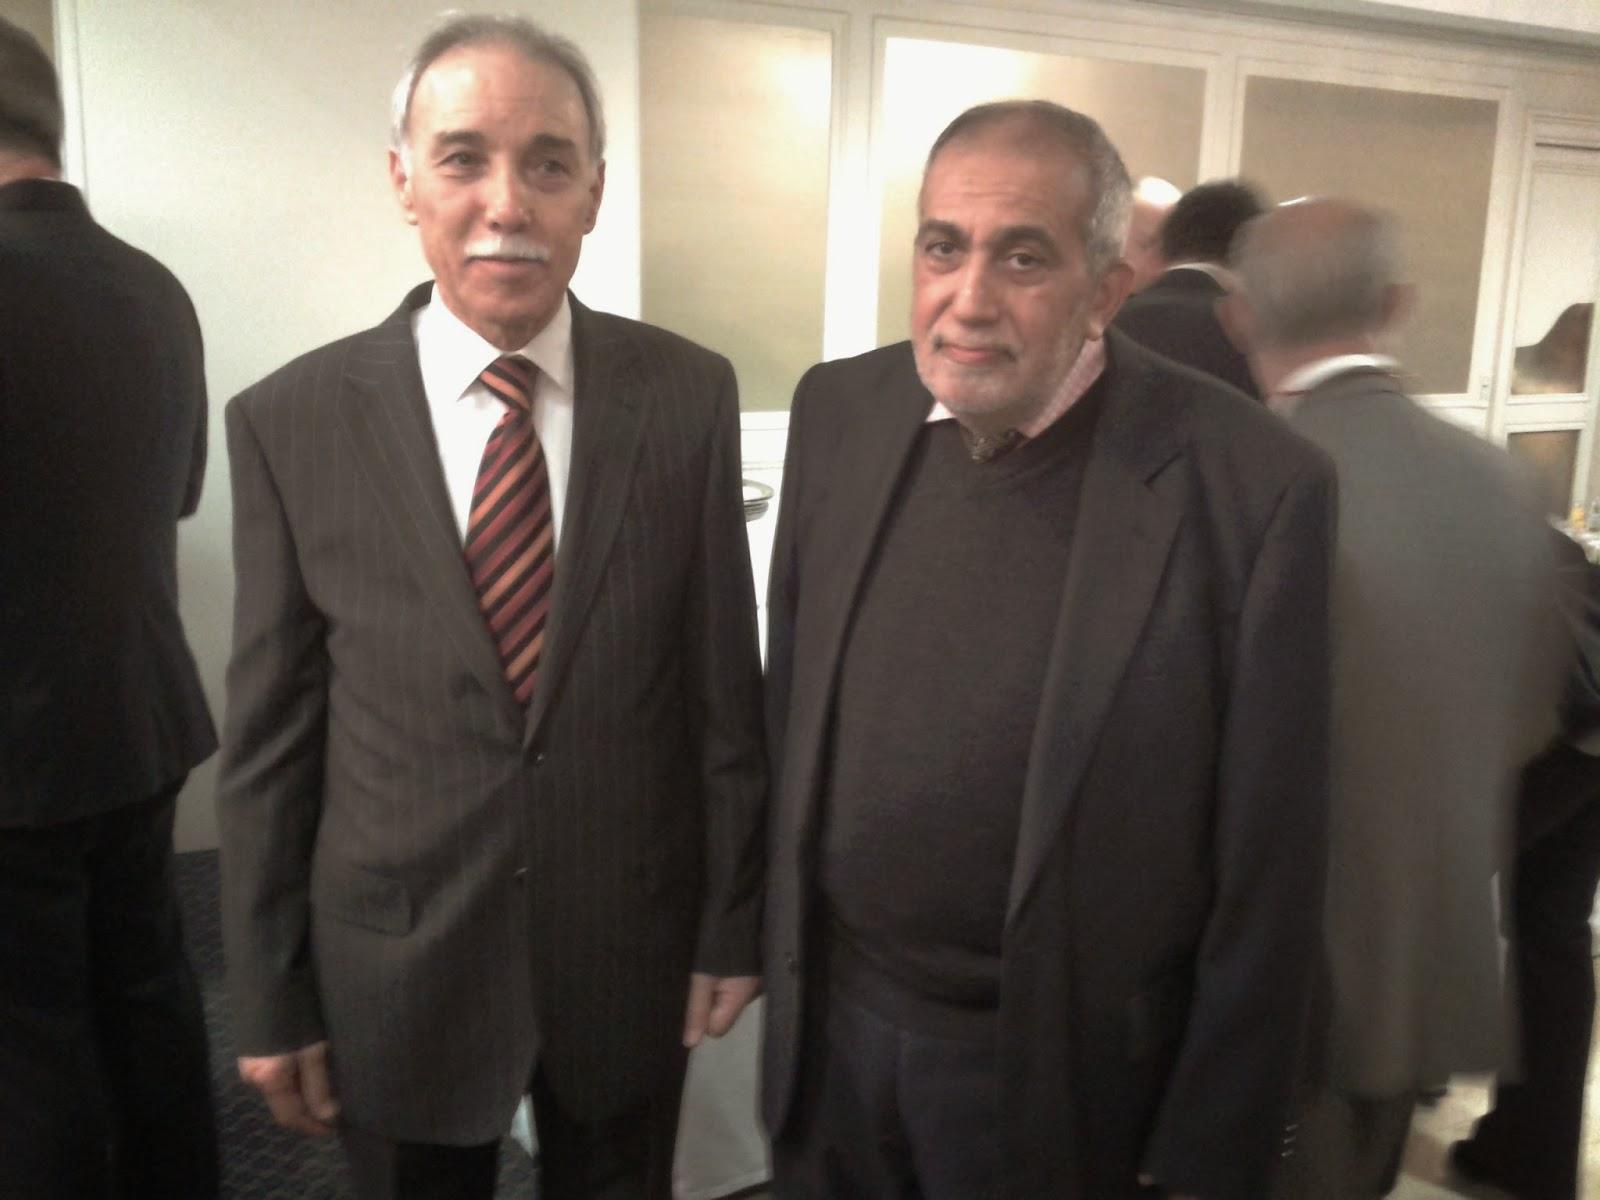 السفير الليبي مع هلال عبوشي ، مدير العلاقات الرسمية بالمفوضية الإسلامية الإسبانية